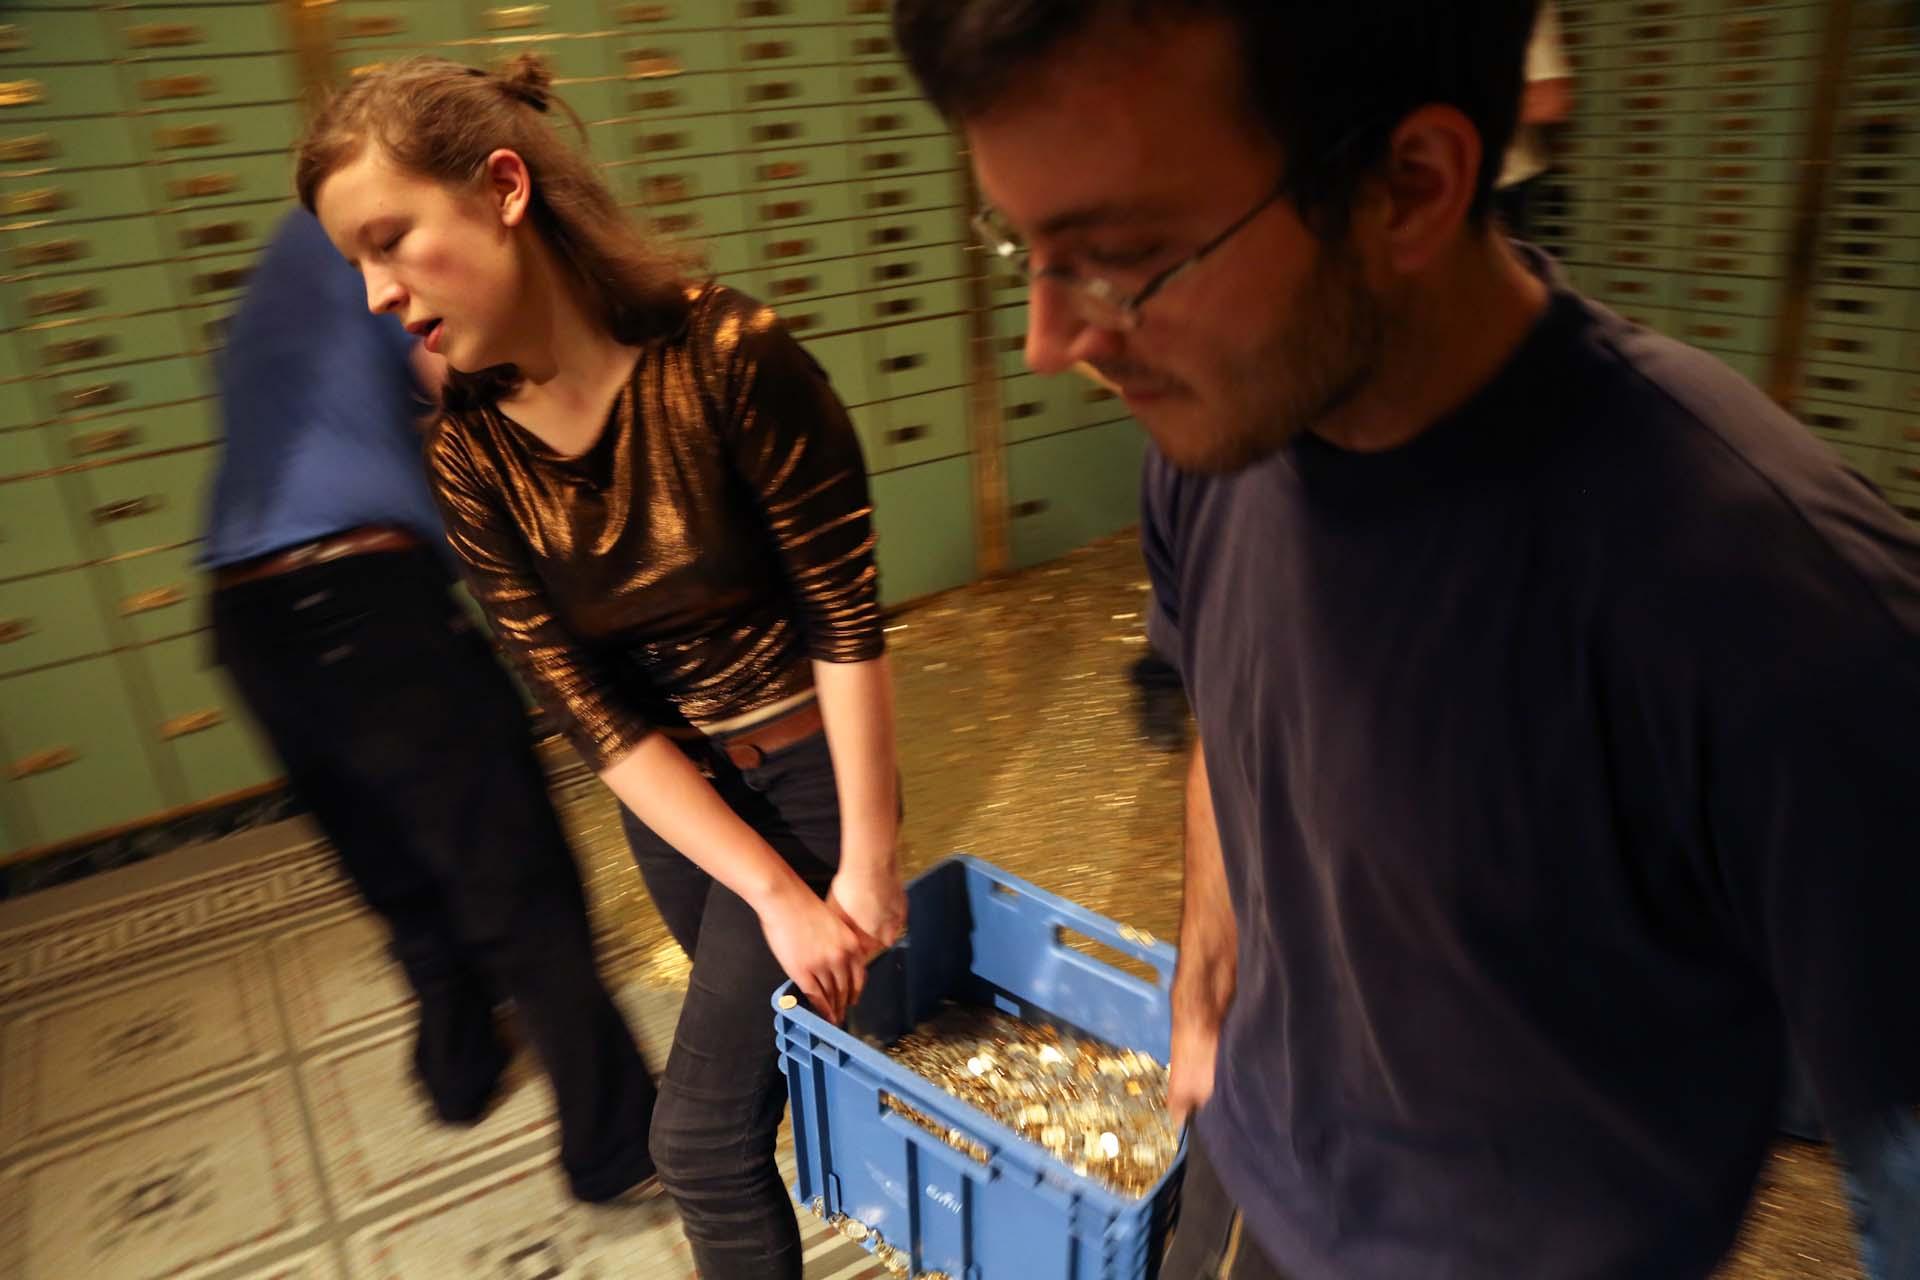 Tonnenweise Münzen müssen aus dem Keller getragen, in große Transportsäcke umgefüllt und anschließend in einen LKW gekippt werden